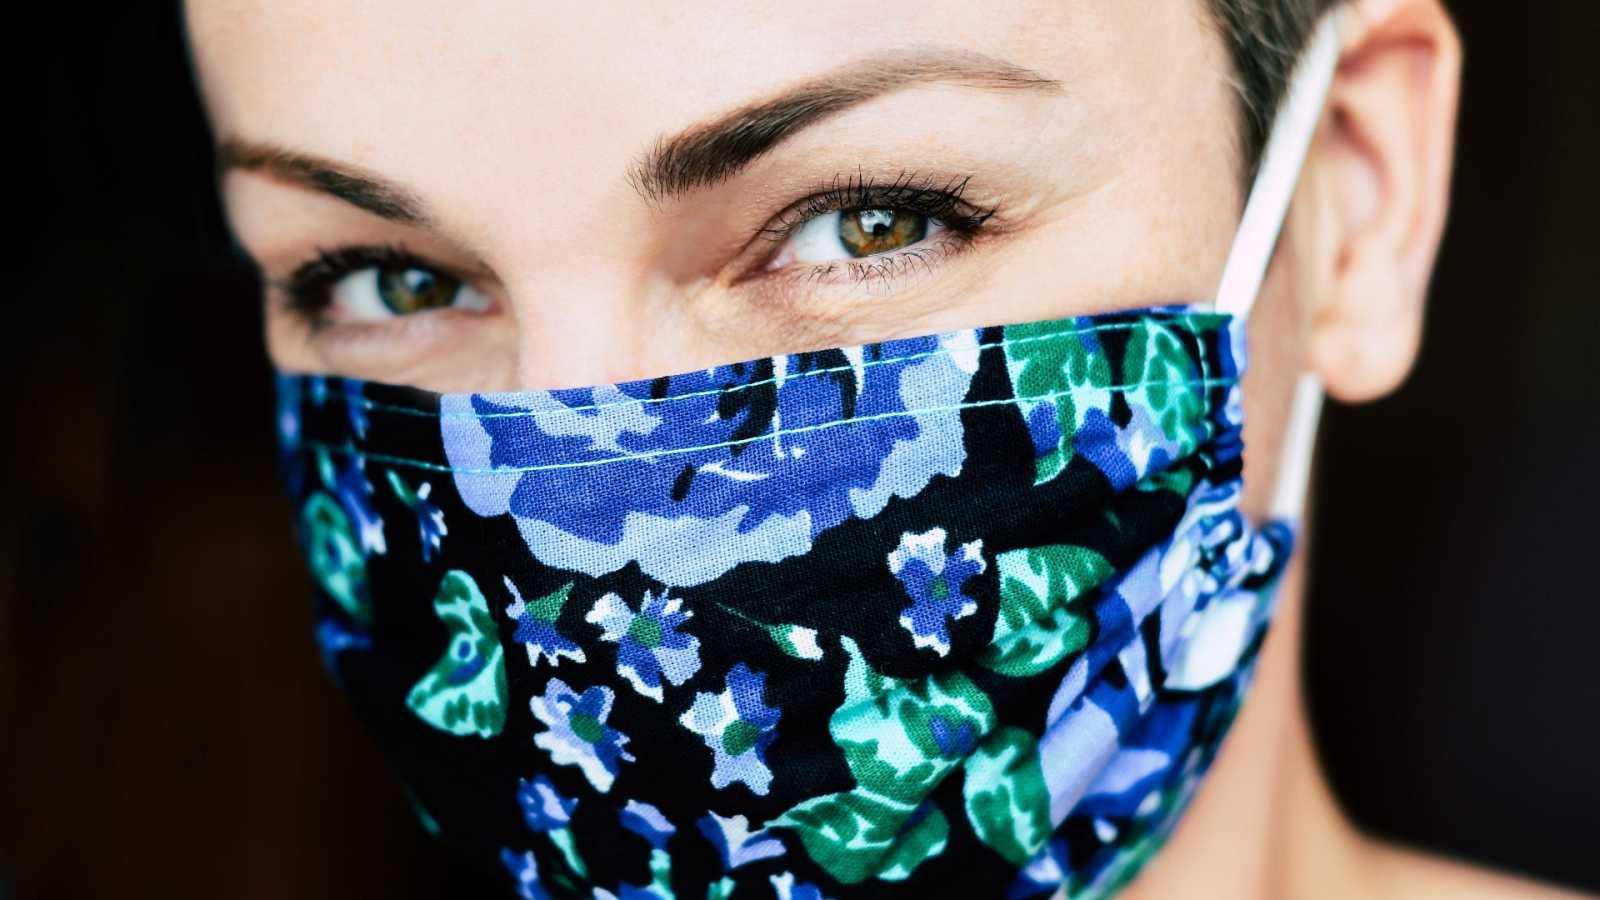 Las mascarillas protegen nuestra salud y la de los demás pero también pueden tener efectos adversos en nuestra piel si no la cuidamos